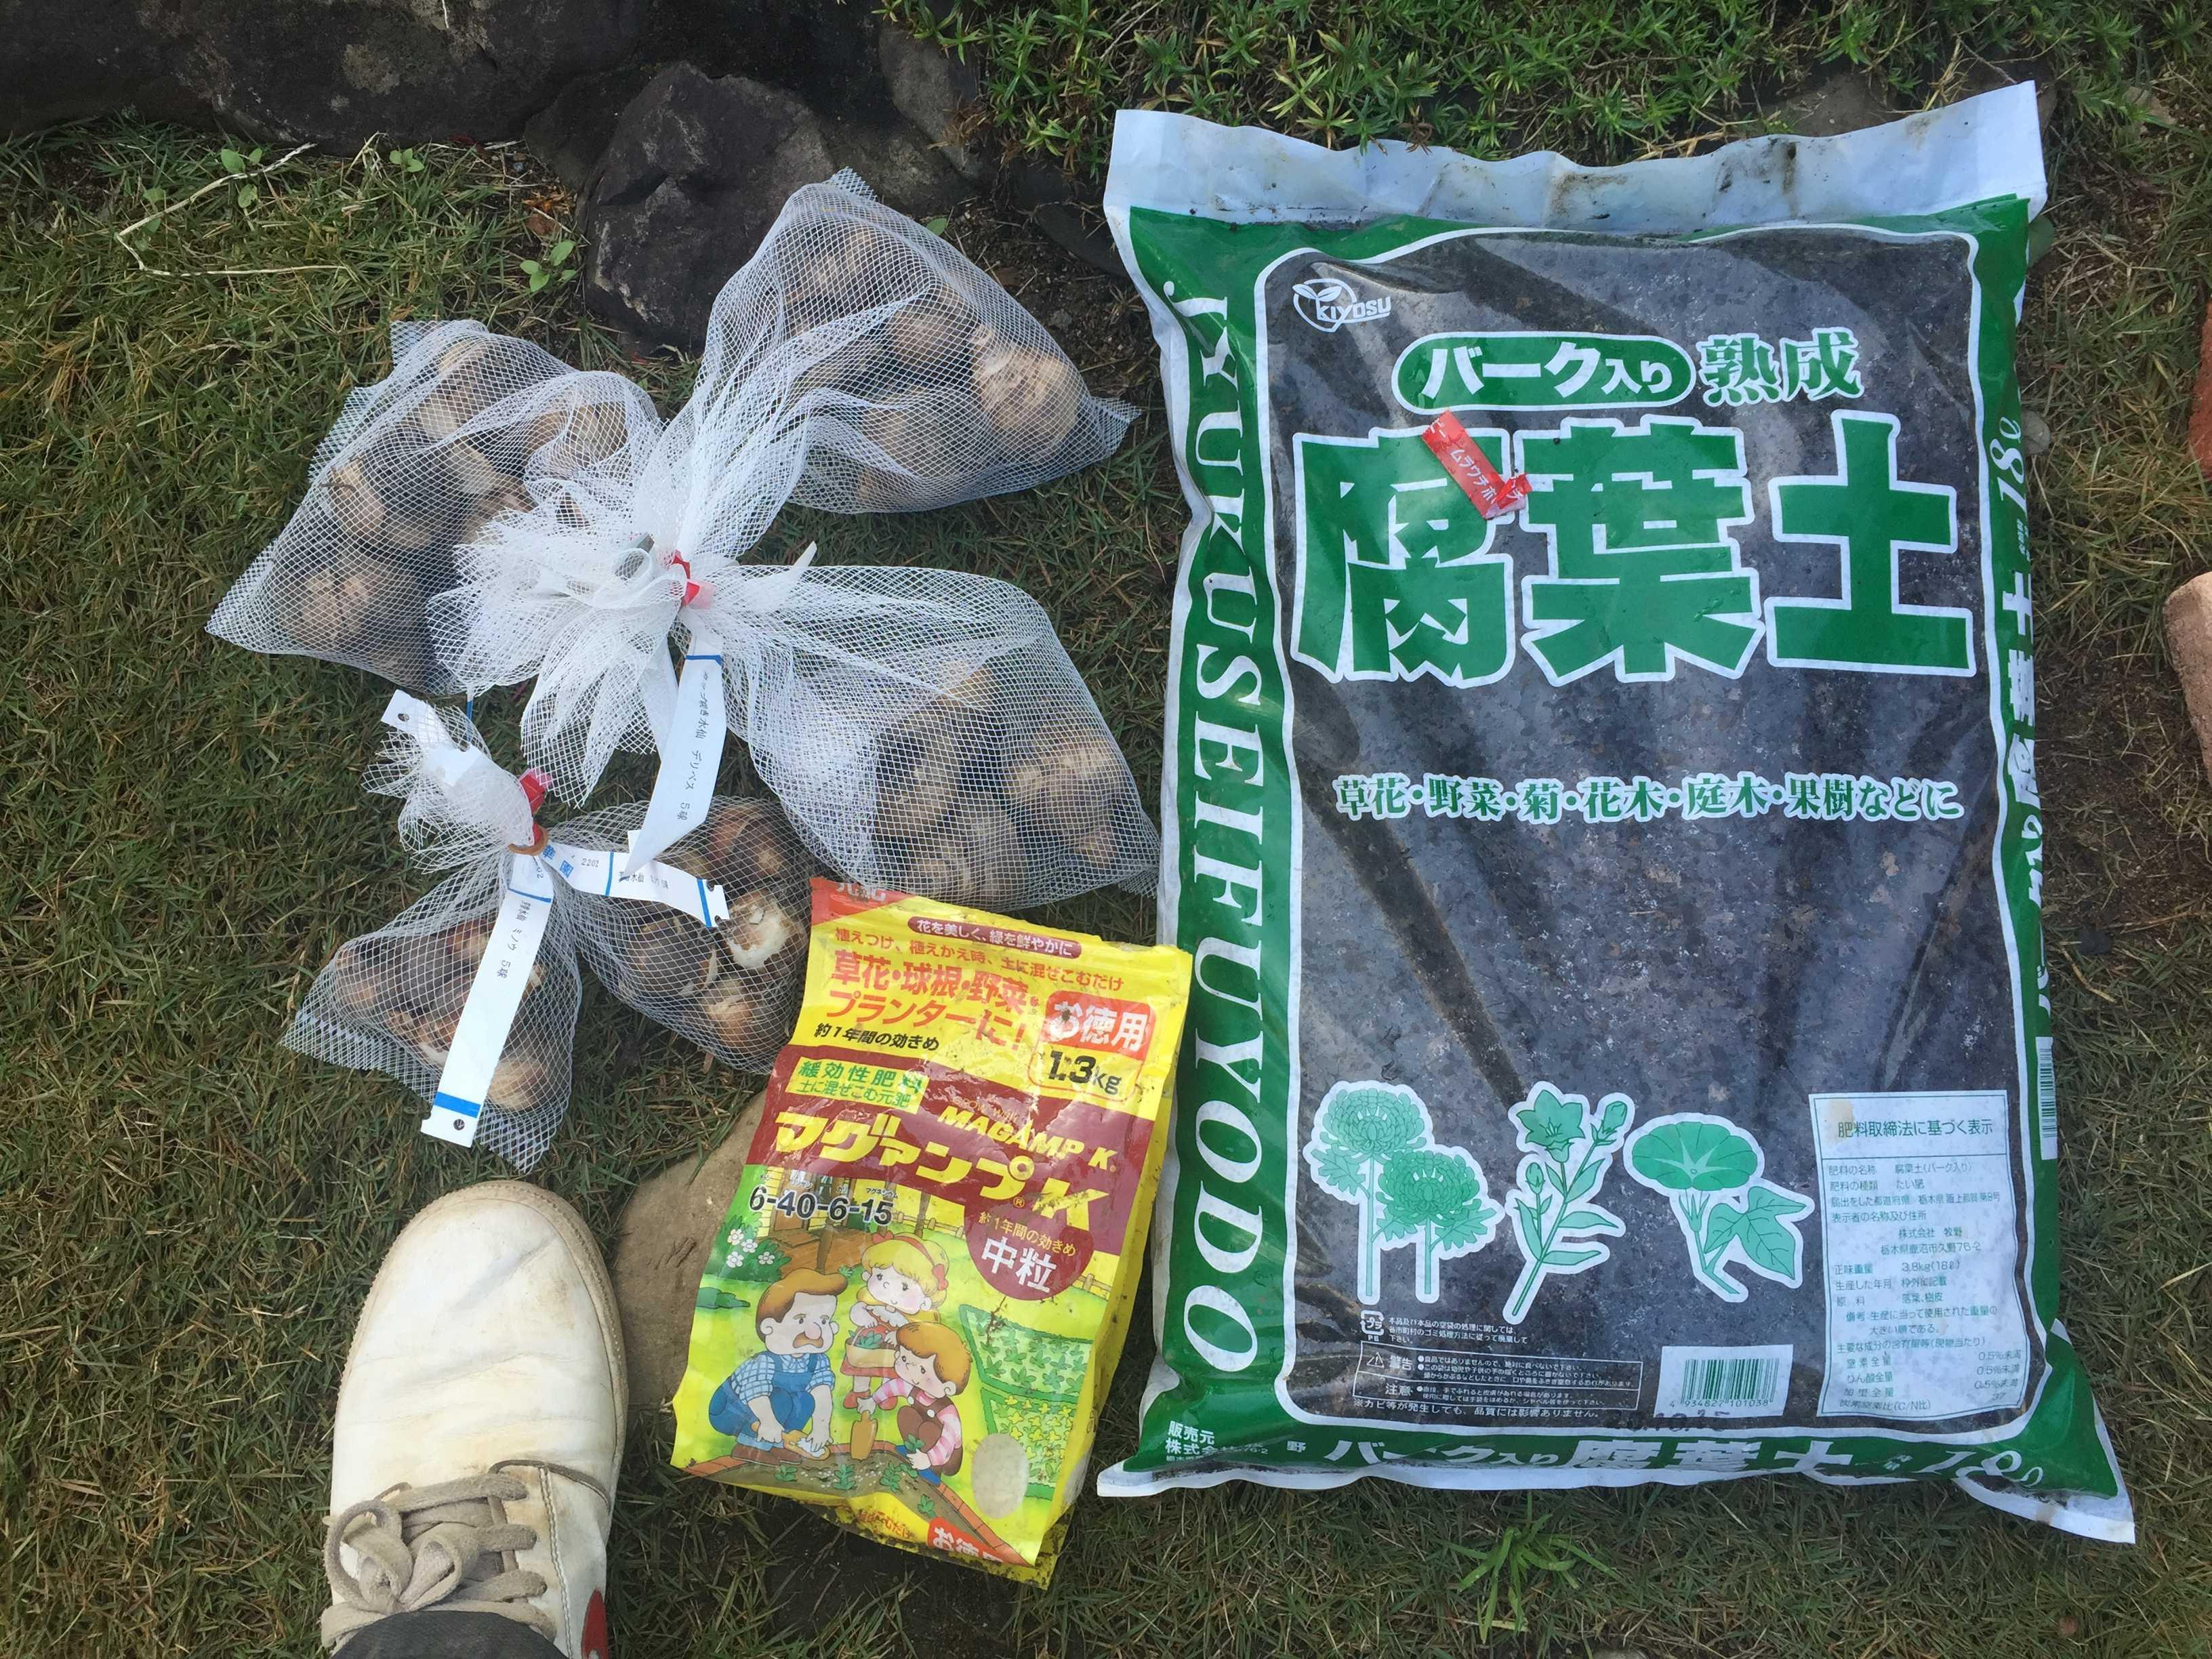 腐葉土とマグァンプK中粒(緩効性肥料) - 水仙の球根の植え方